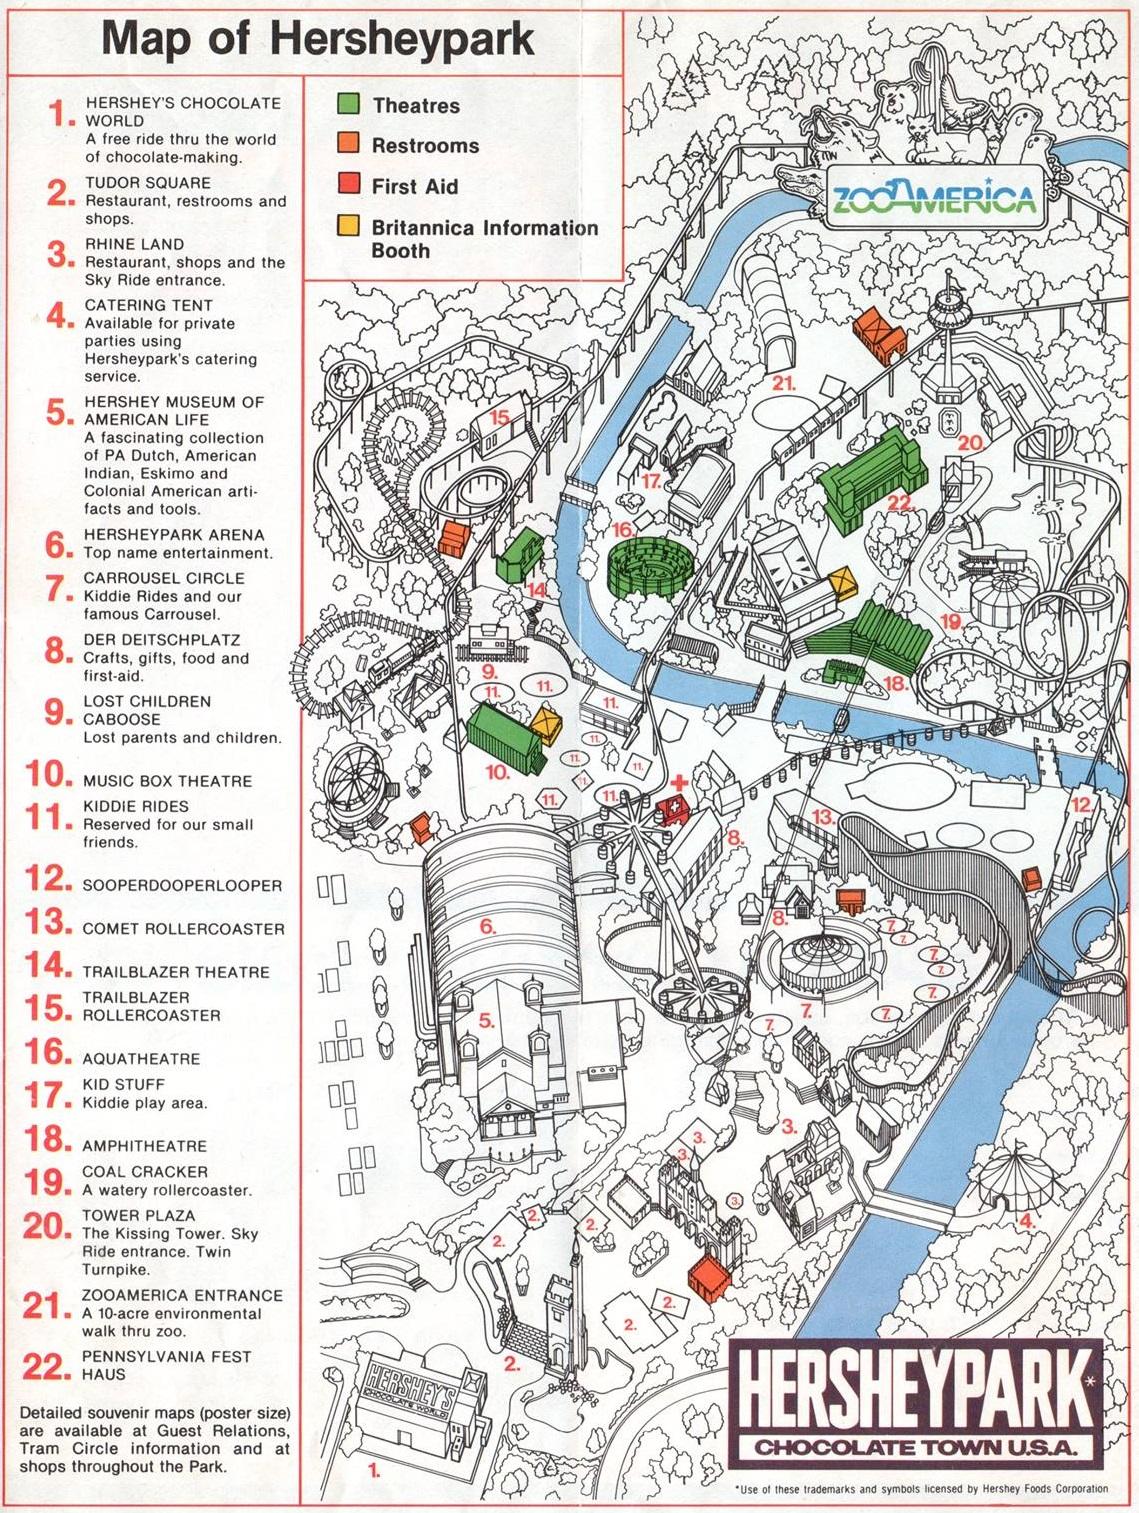 1981 Hersheypark map